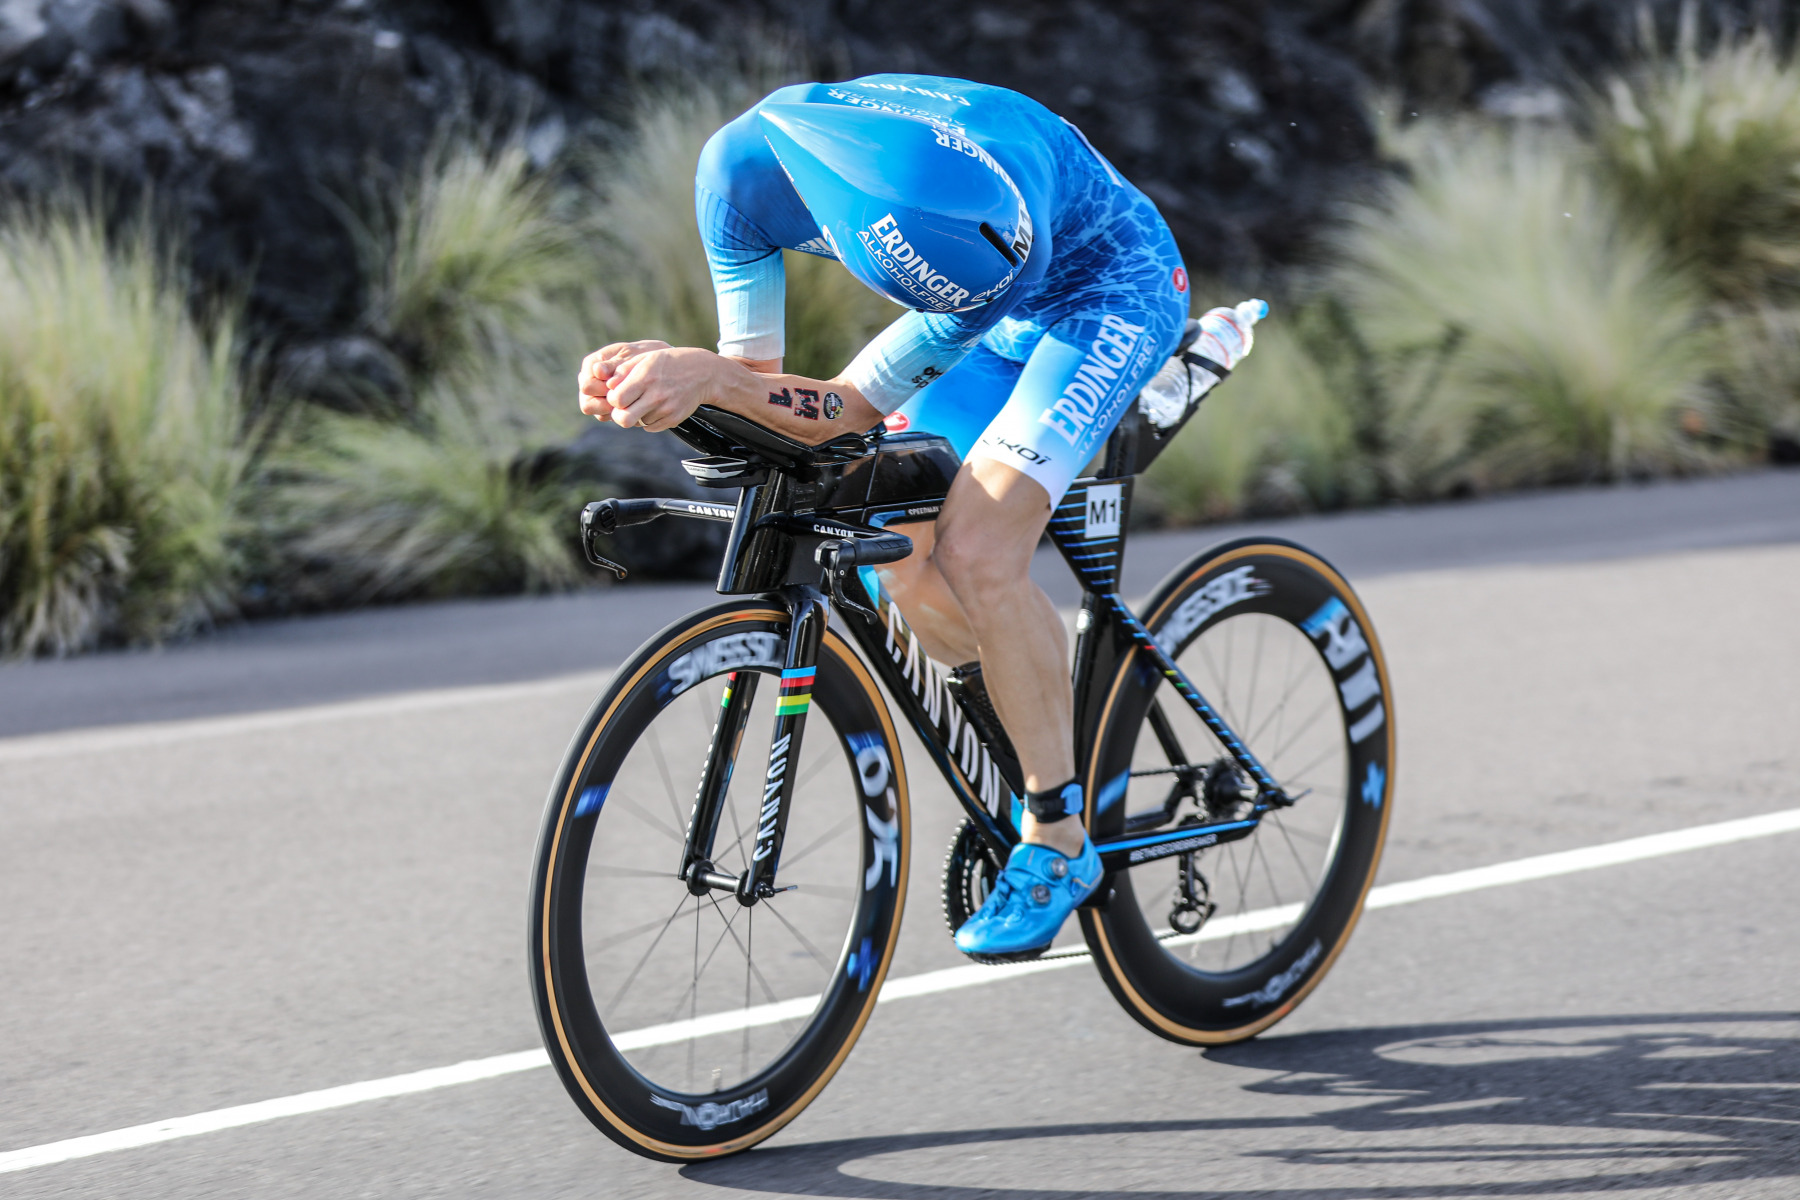 Rückblick auf bessere Zeiten: Patrick Lange kommt nach gutem Schwimmen schlecht in den Radpart. Nach 60 Kilometern steigt der Titelverteidiger aus.